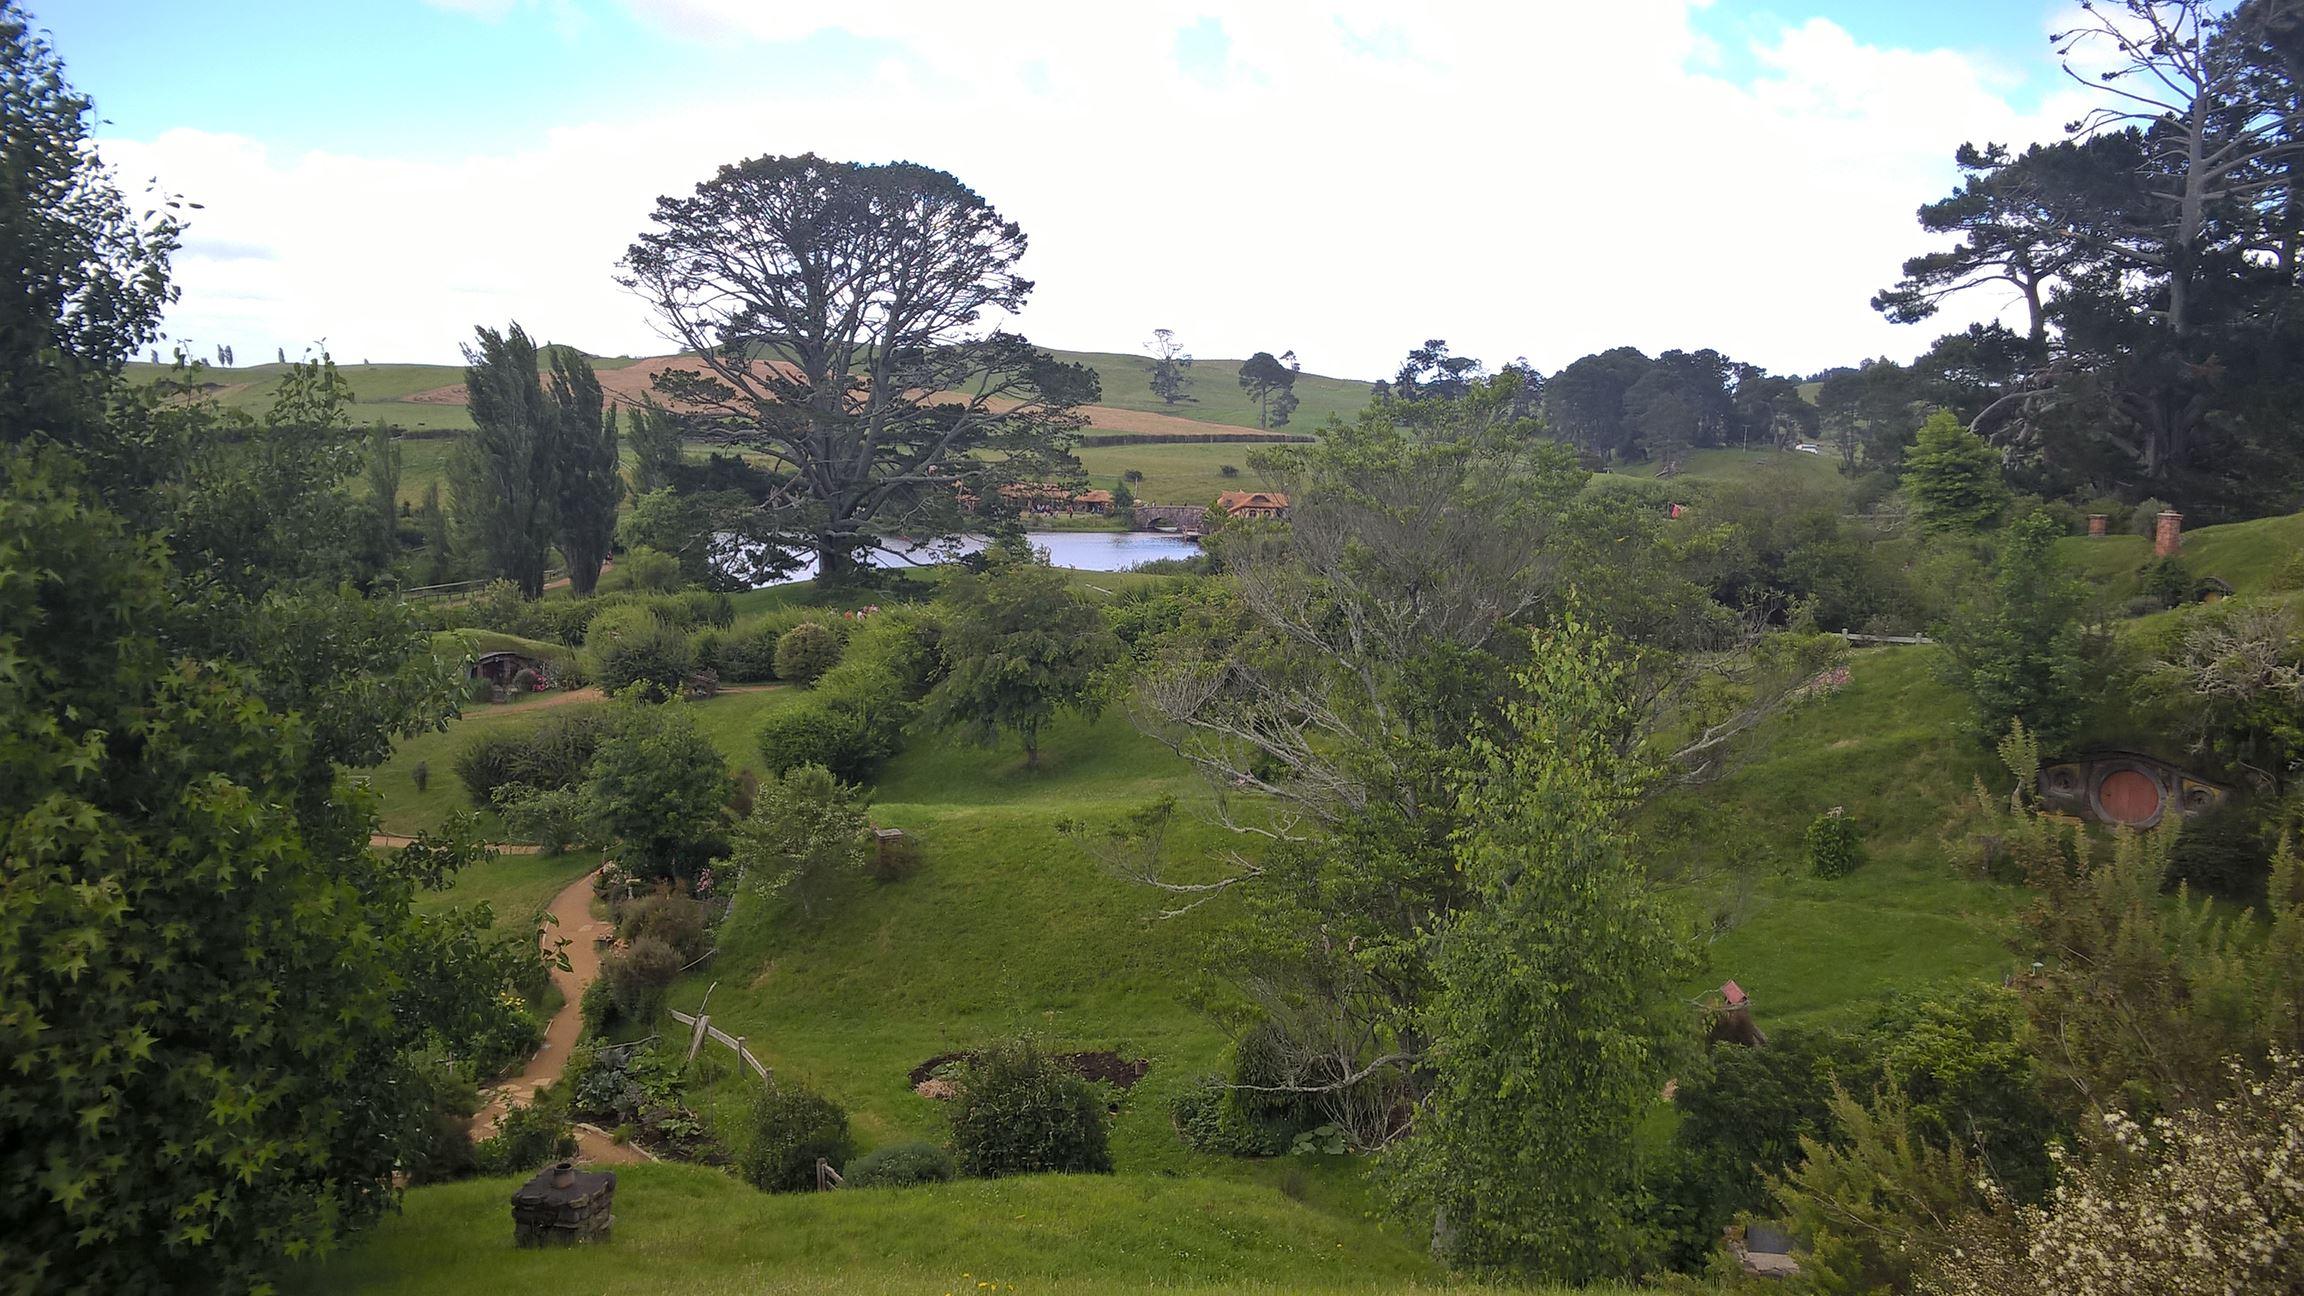 Blick hinunter ins Tal zur großen Eiche und dem Dorfsee